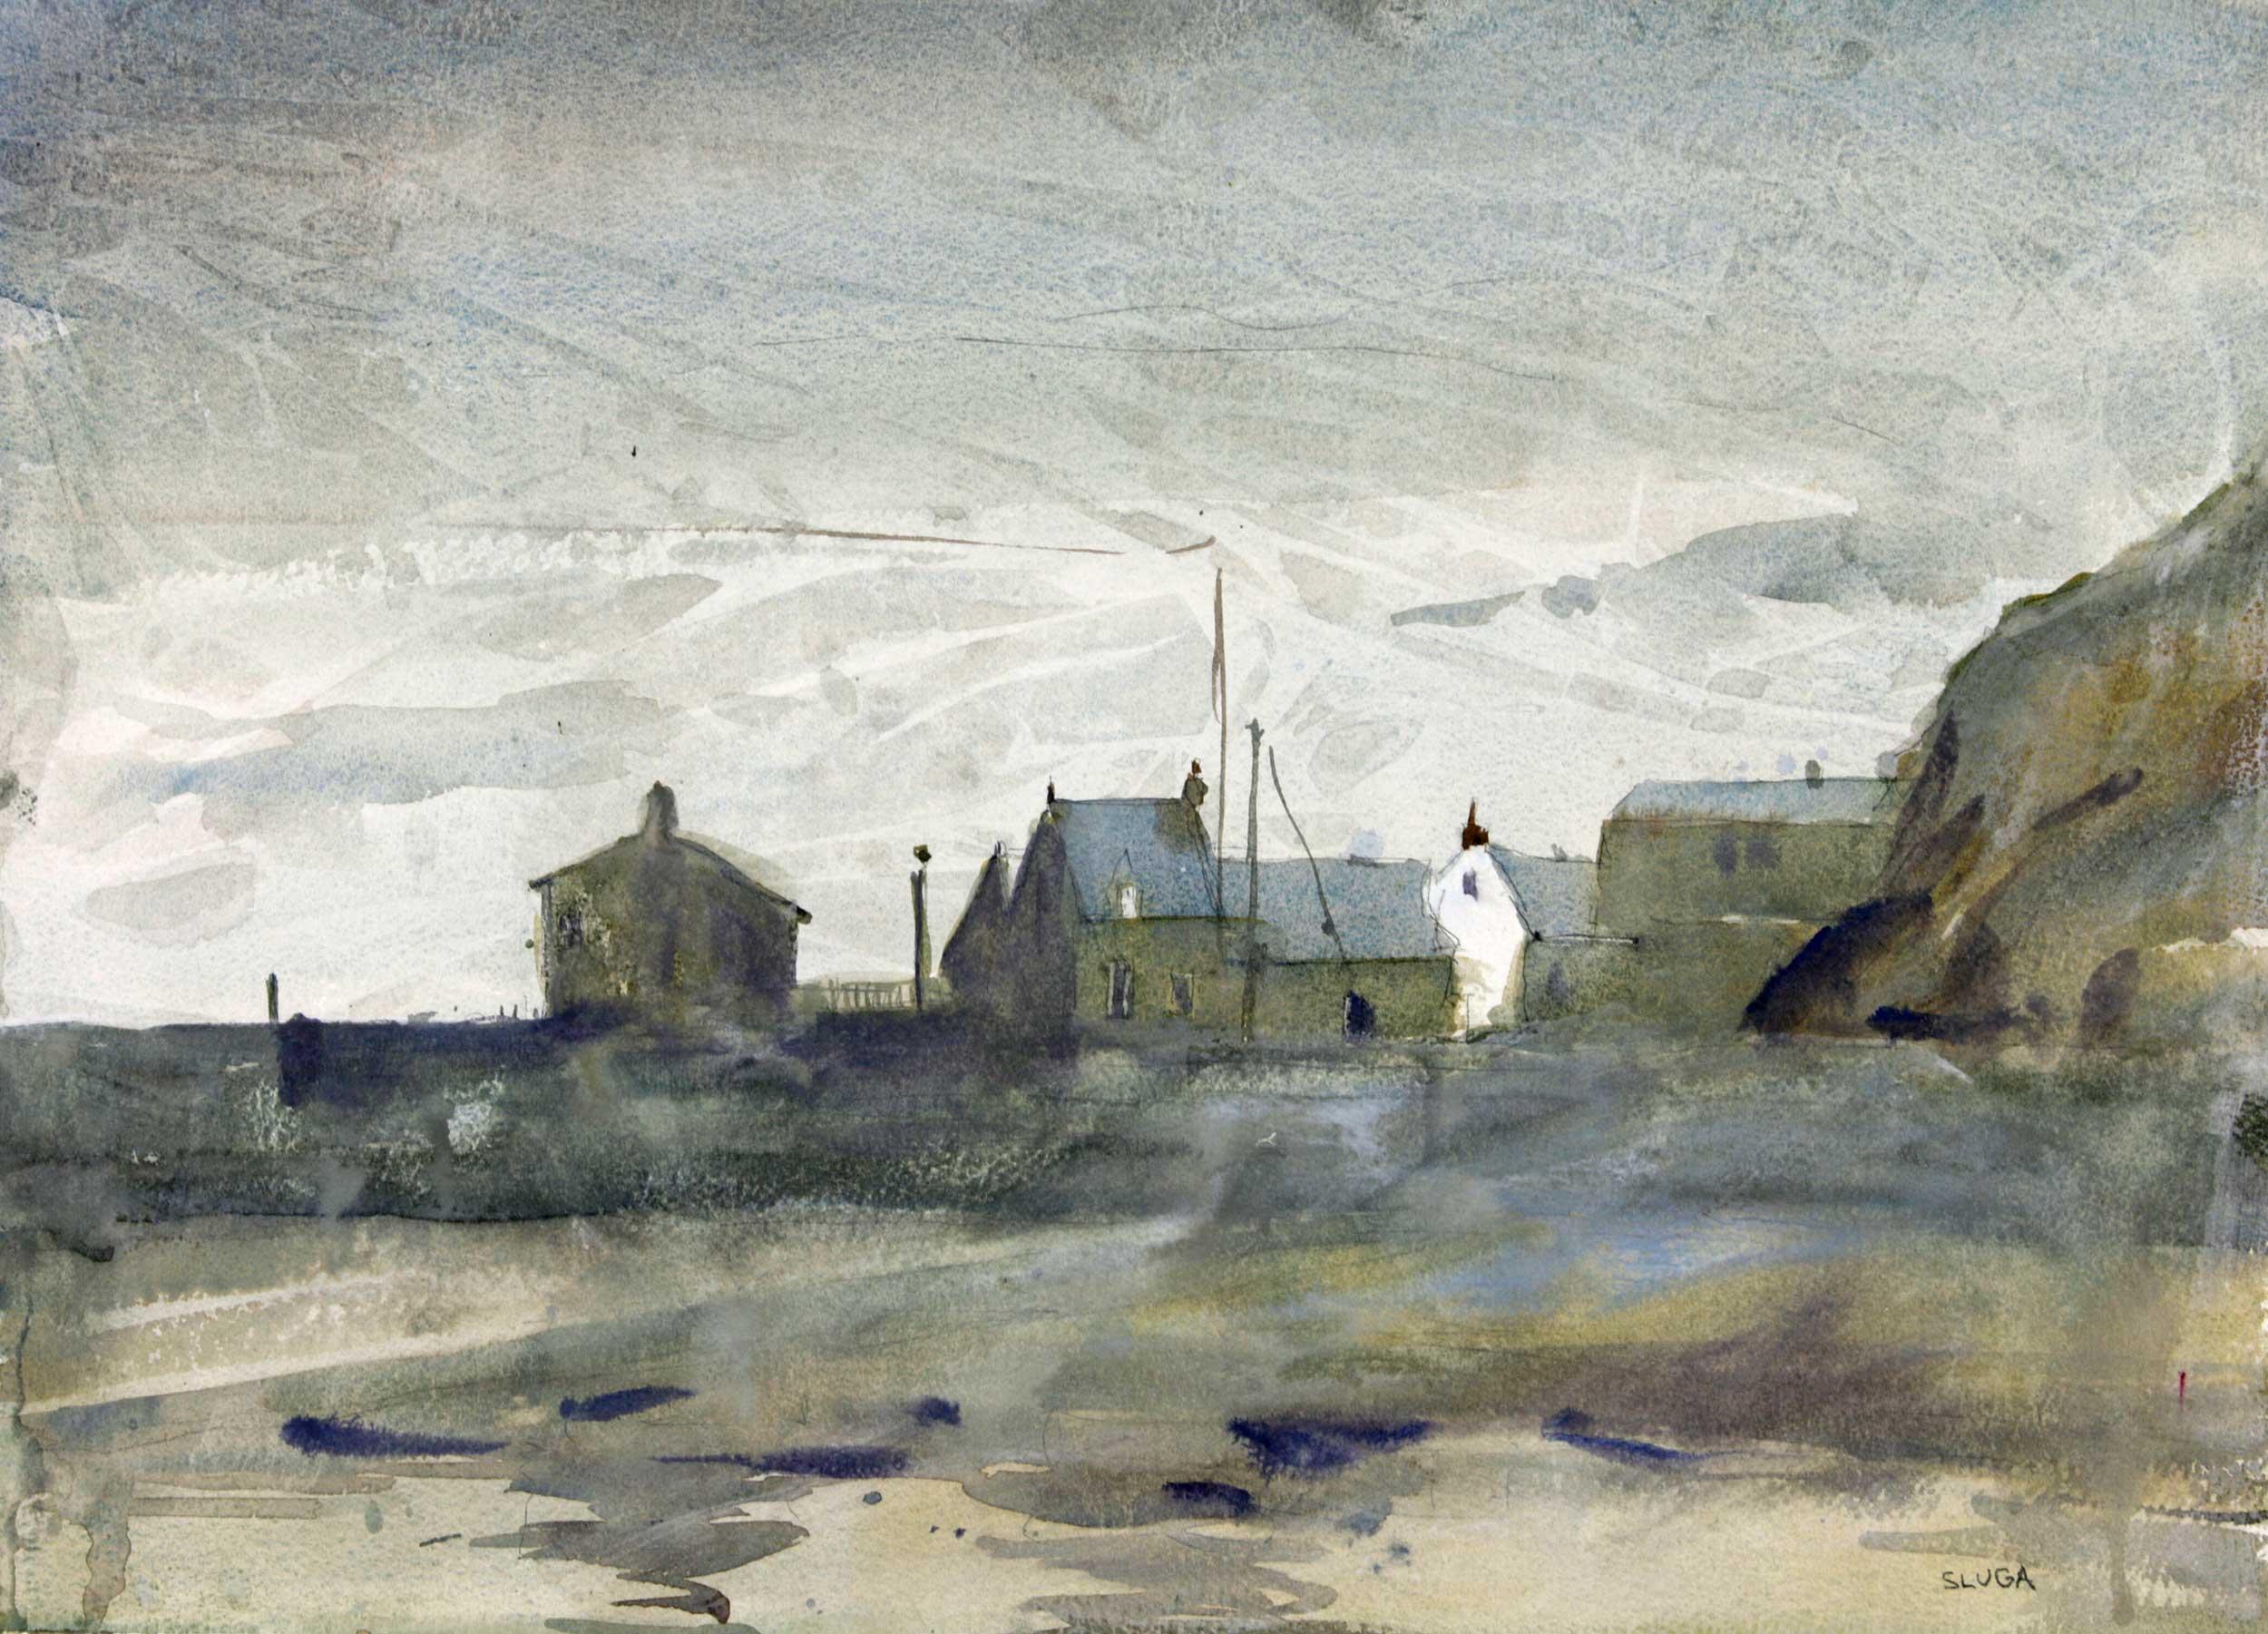 Cold Day, Scotland 51 x 38 cm